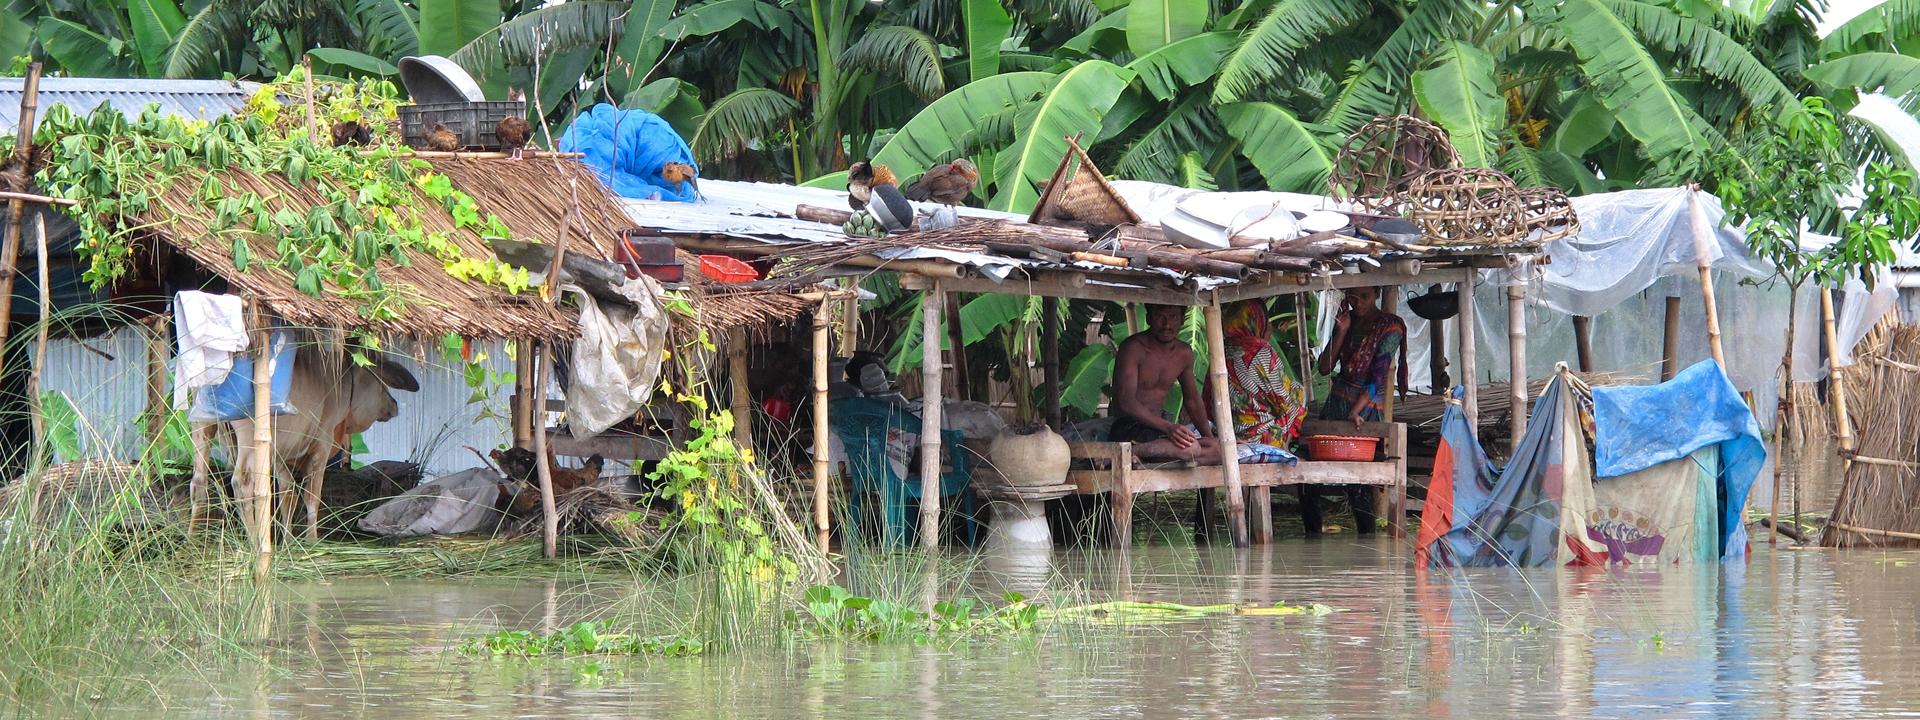 Foto: Menschen in überfluteten Bambusunterständen